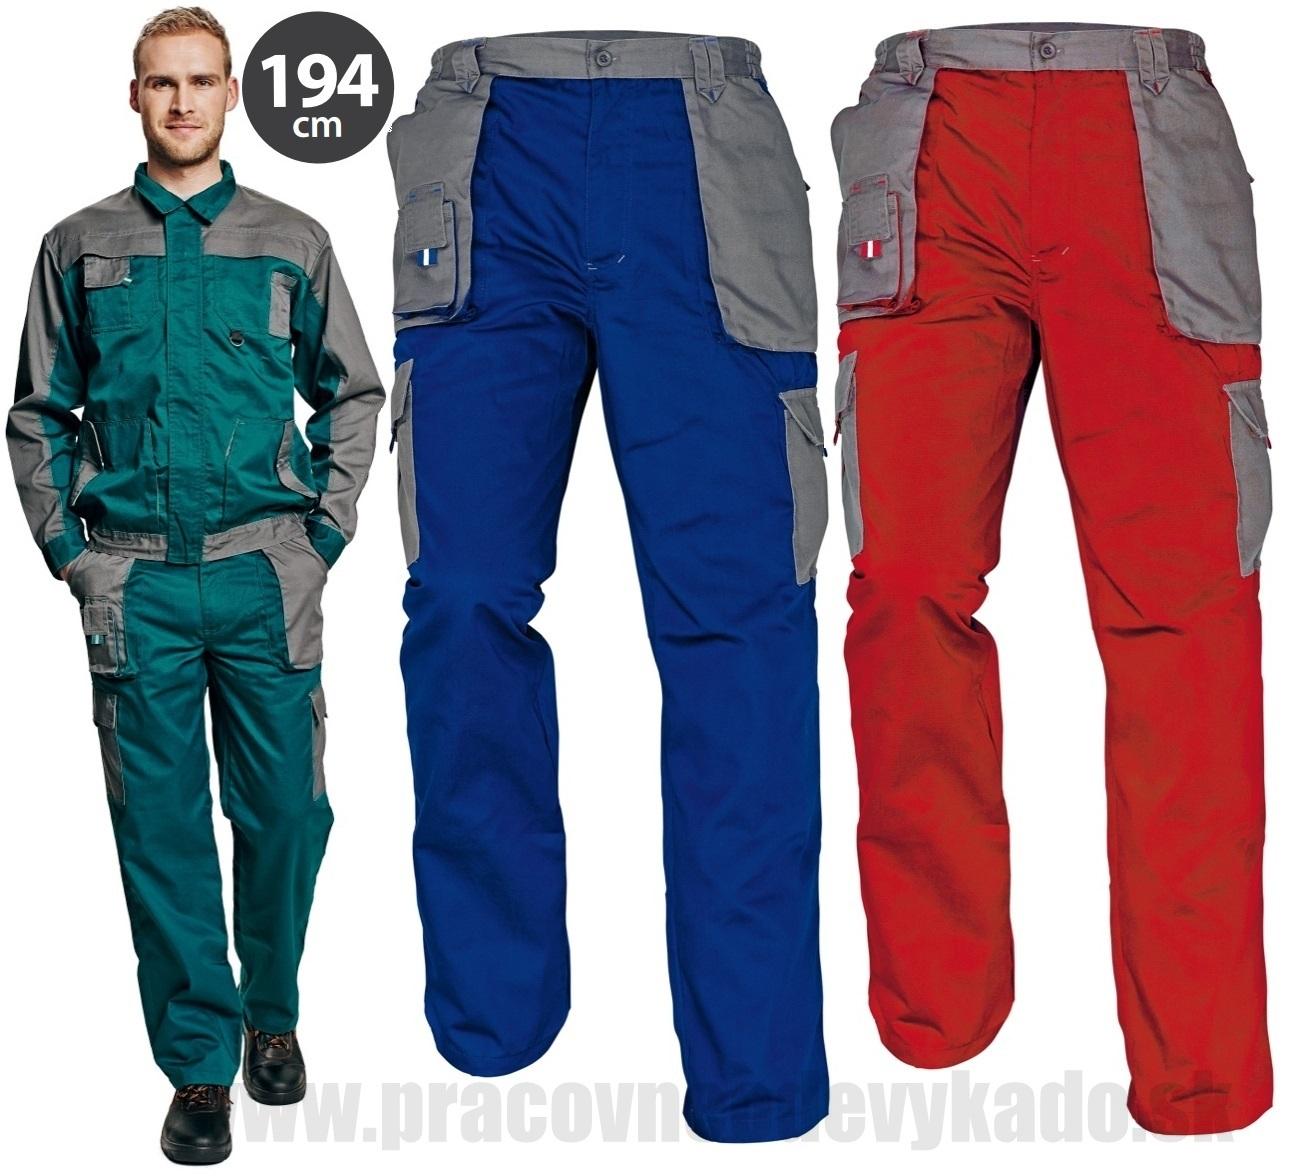 777821104f29 Pracovné odevy - Nohavice MAX EVOLUTION NEW do pásu predĺžené ...